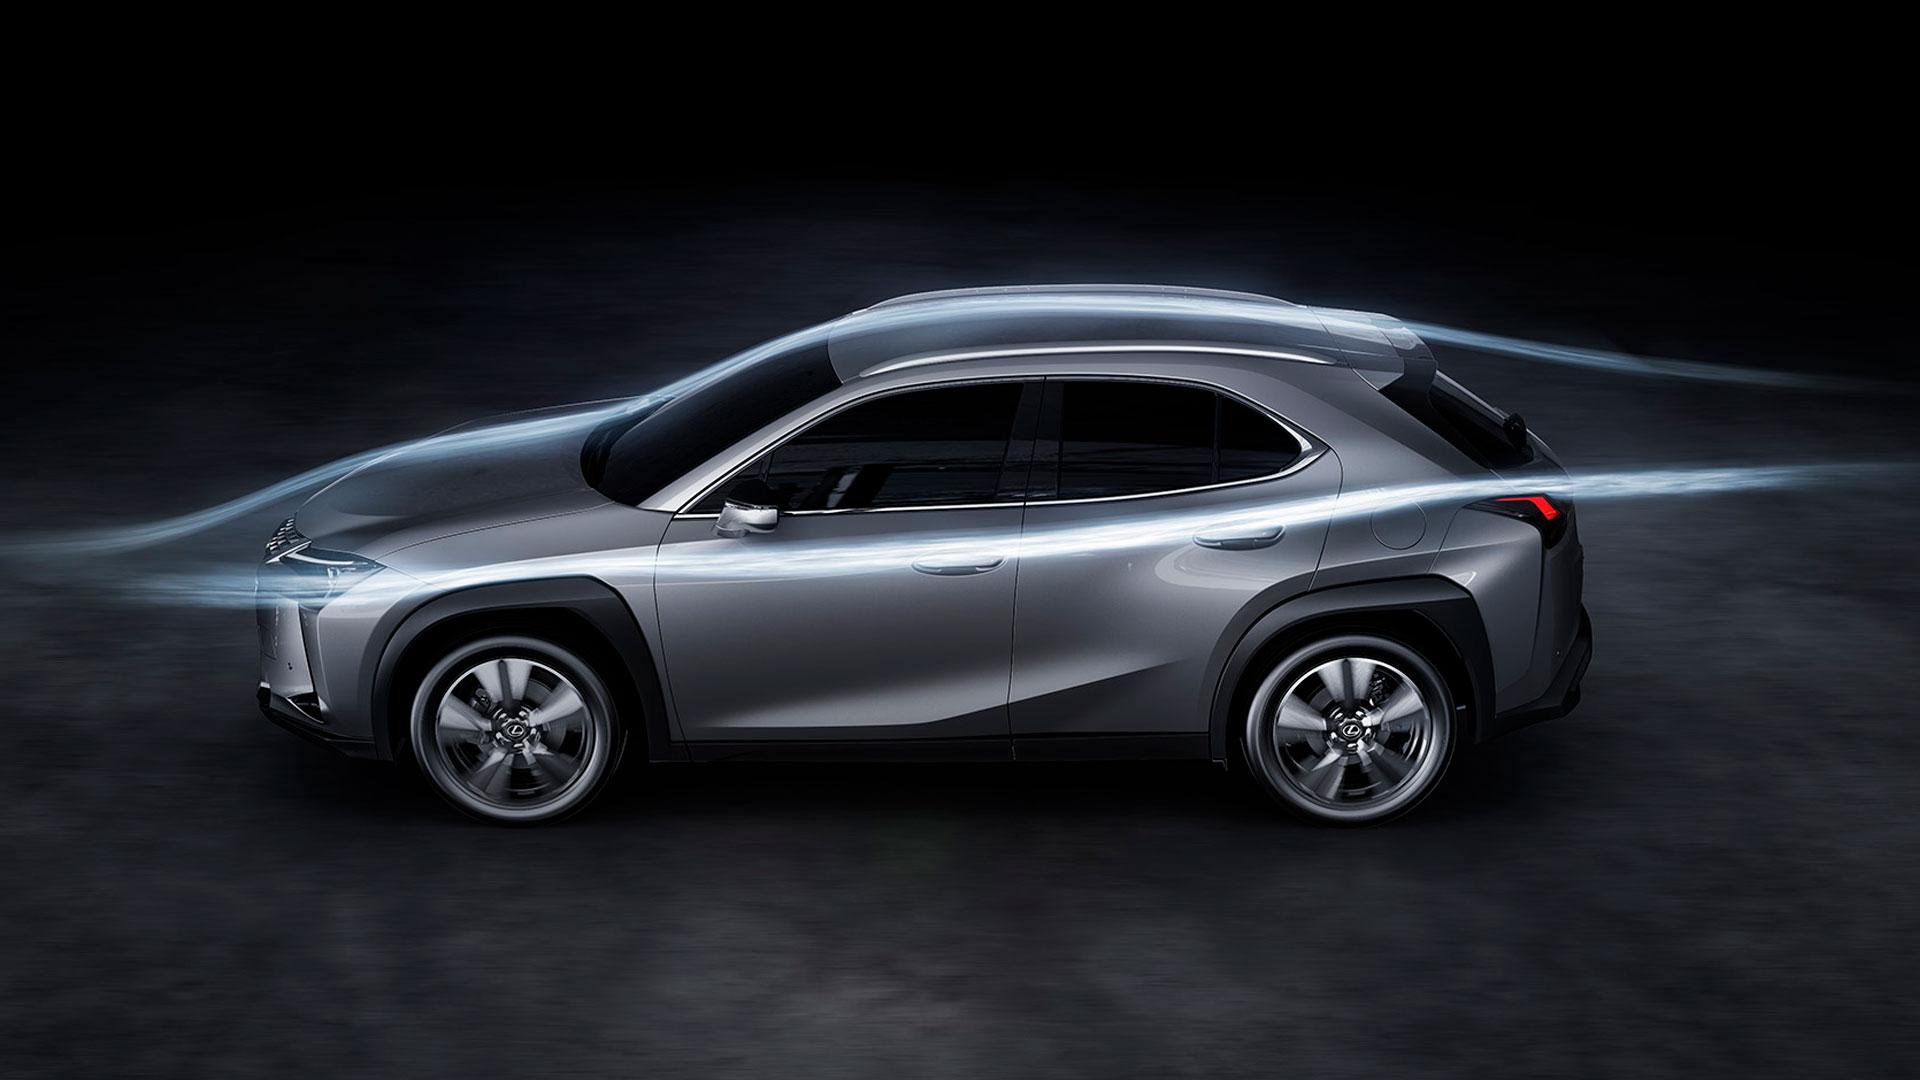 Imagen lateral del Lexus UX 250h en color gris con líneas aerodinámicas